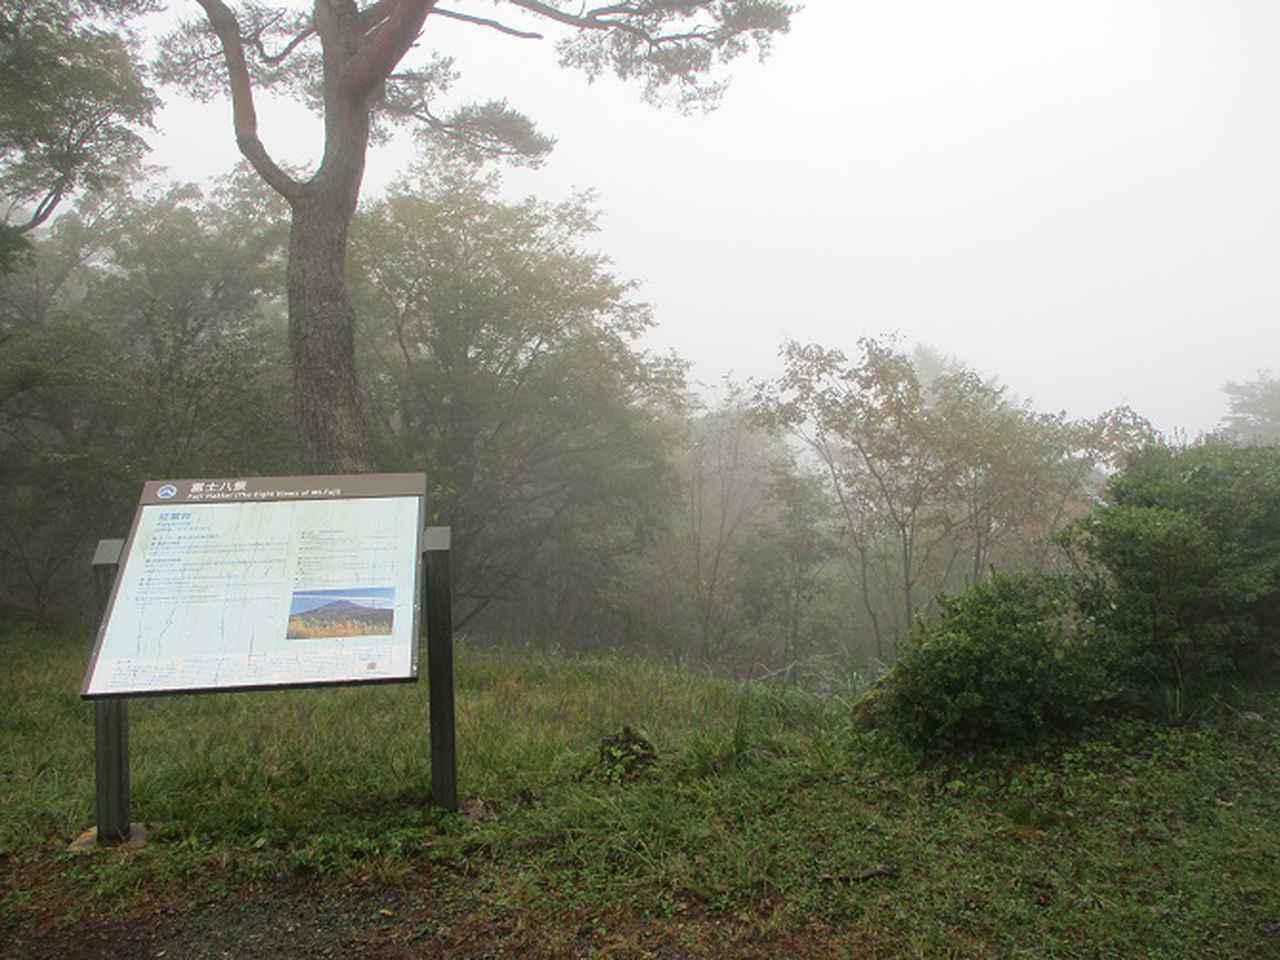 画像7: 11月の山旅会 青木ヶ原樹海と三湖台 ツアーの下見に行ってきました!